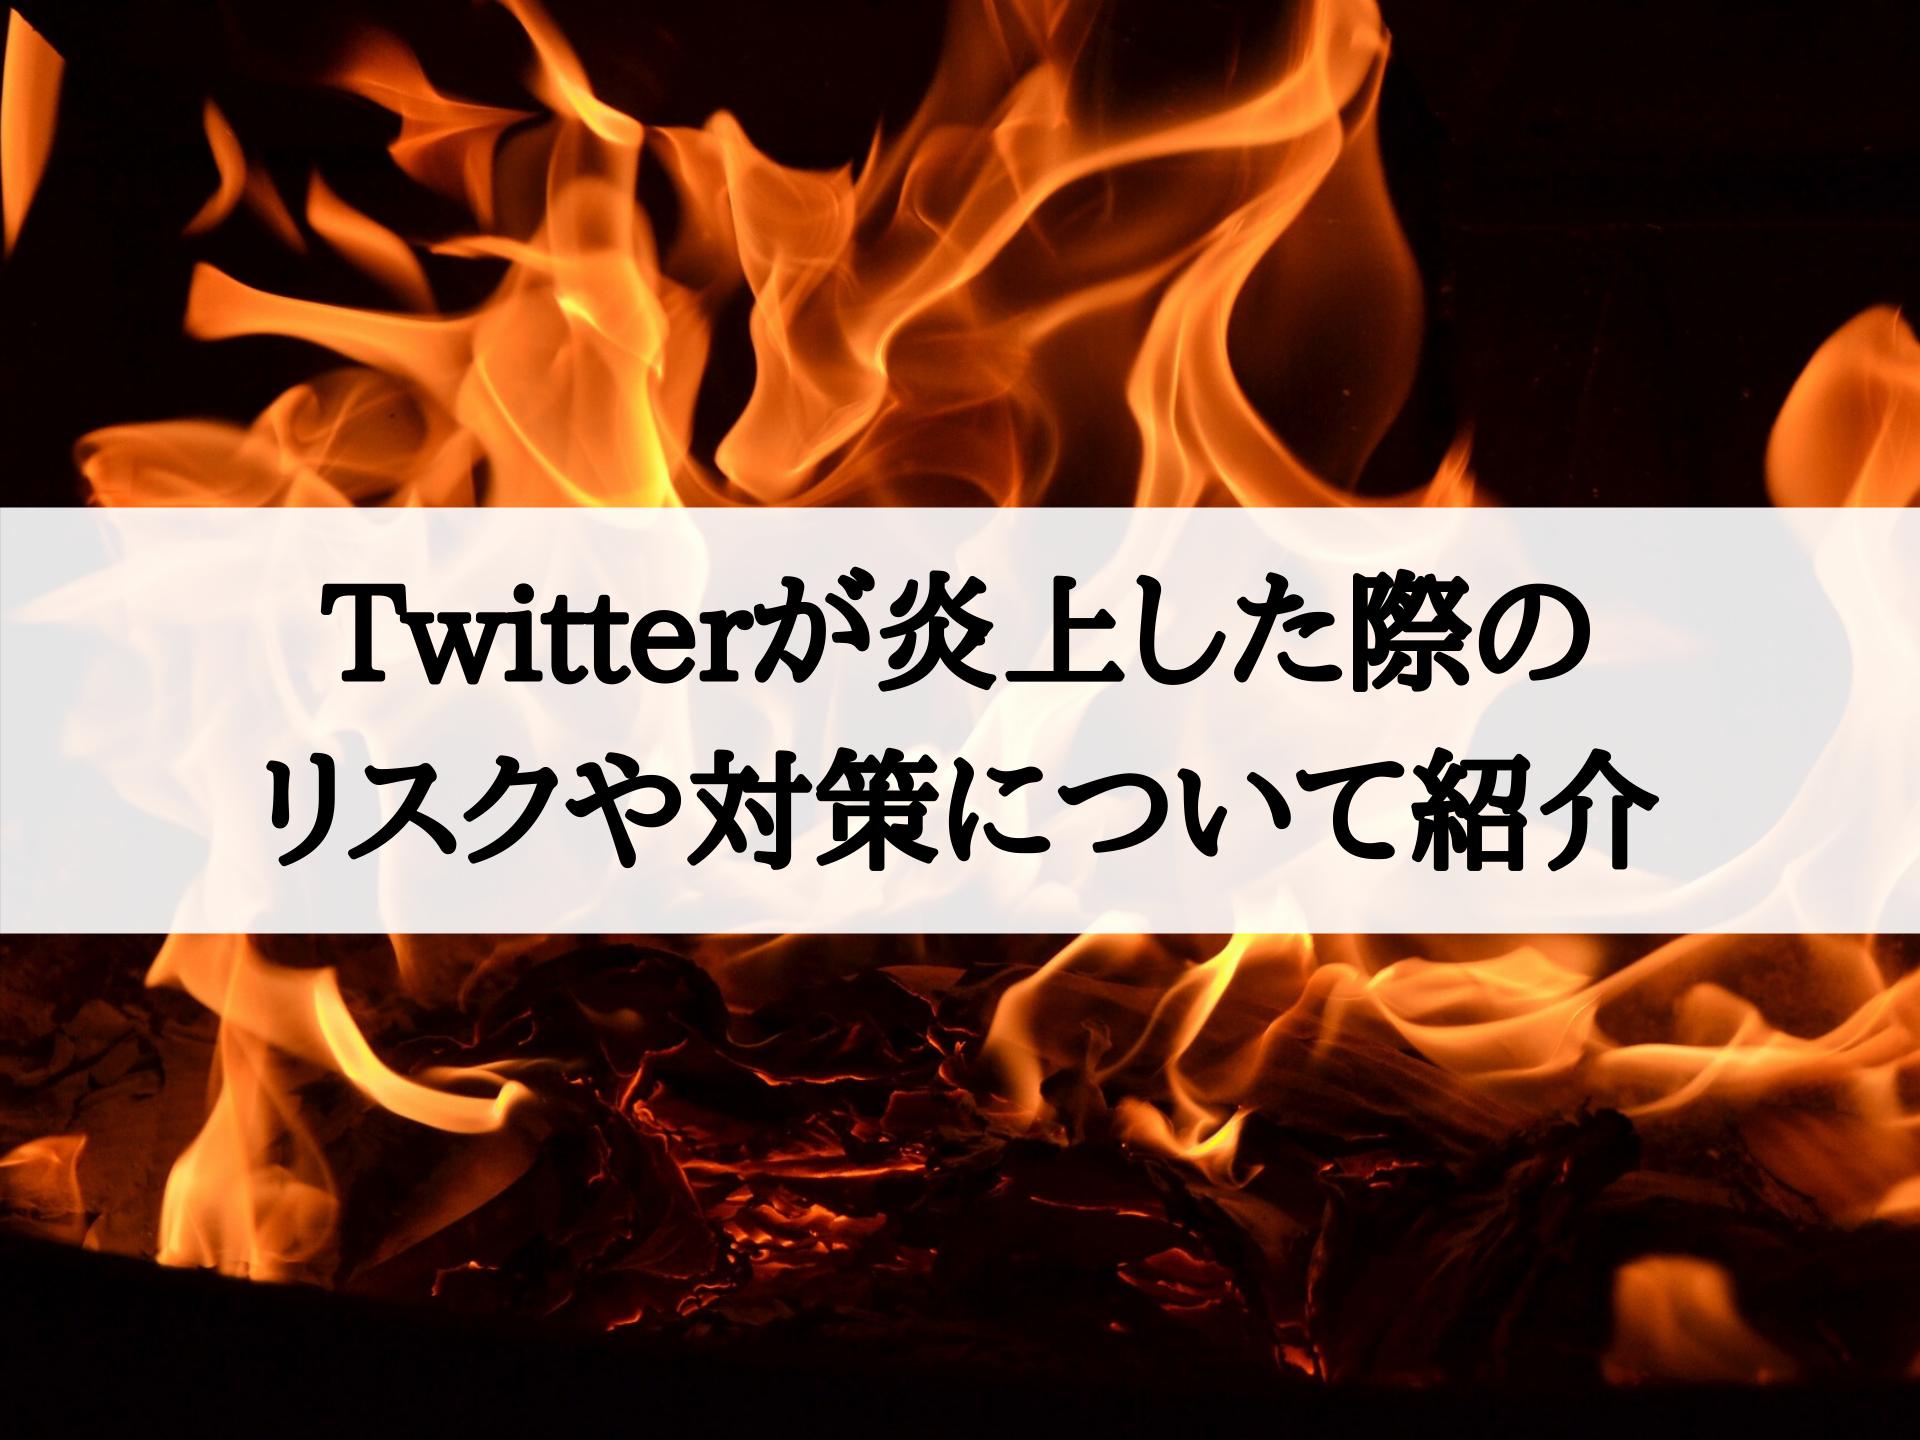 企業のTwitter(ツイッター)担当者必見!炎上のリスクや対策について紹介